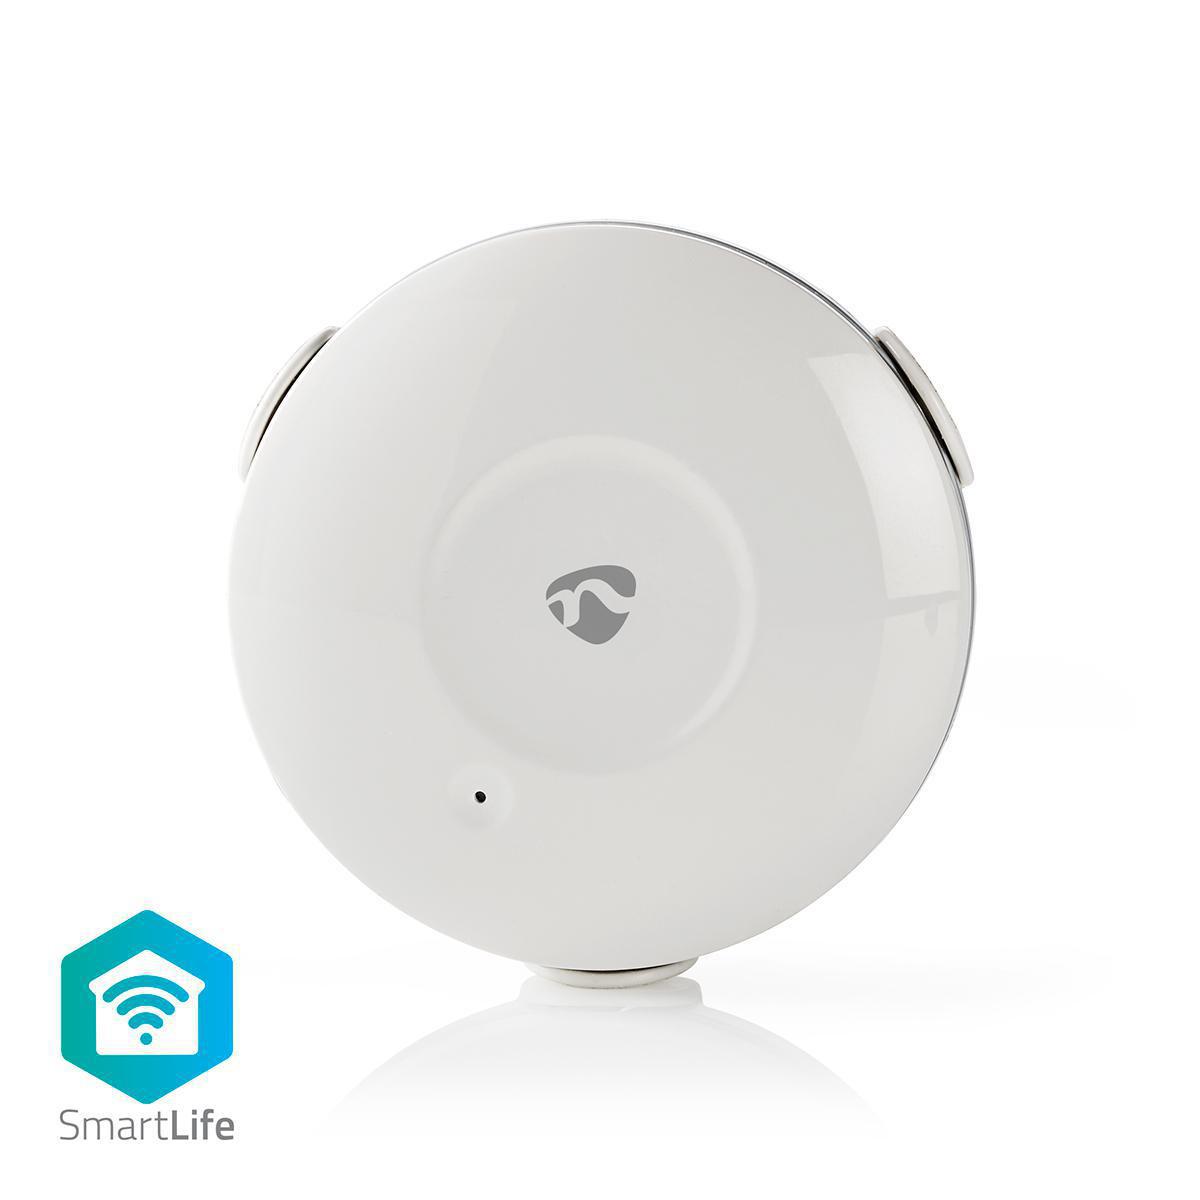 Questo rilevatore di perdite d'acqua wireless intelligente con allarme è estremamente facile da usare. È collegato direttamente al tuo Wi-Fi: non è richiesto alcun hub separato. Semplifica il monitoraggio delle perdite d'acqua in luoghi difficili da raggi